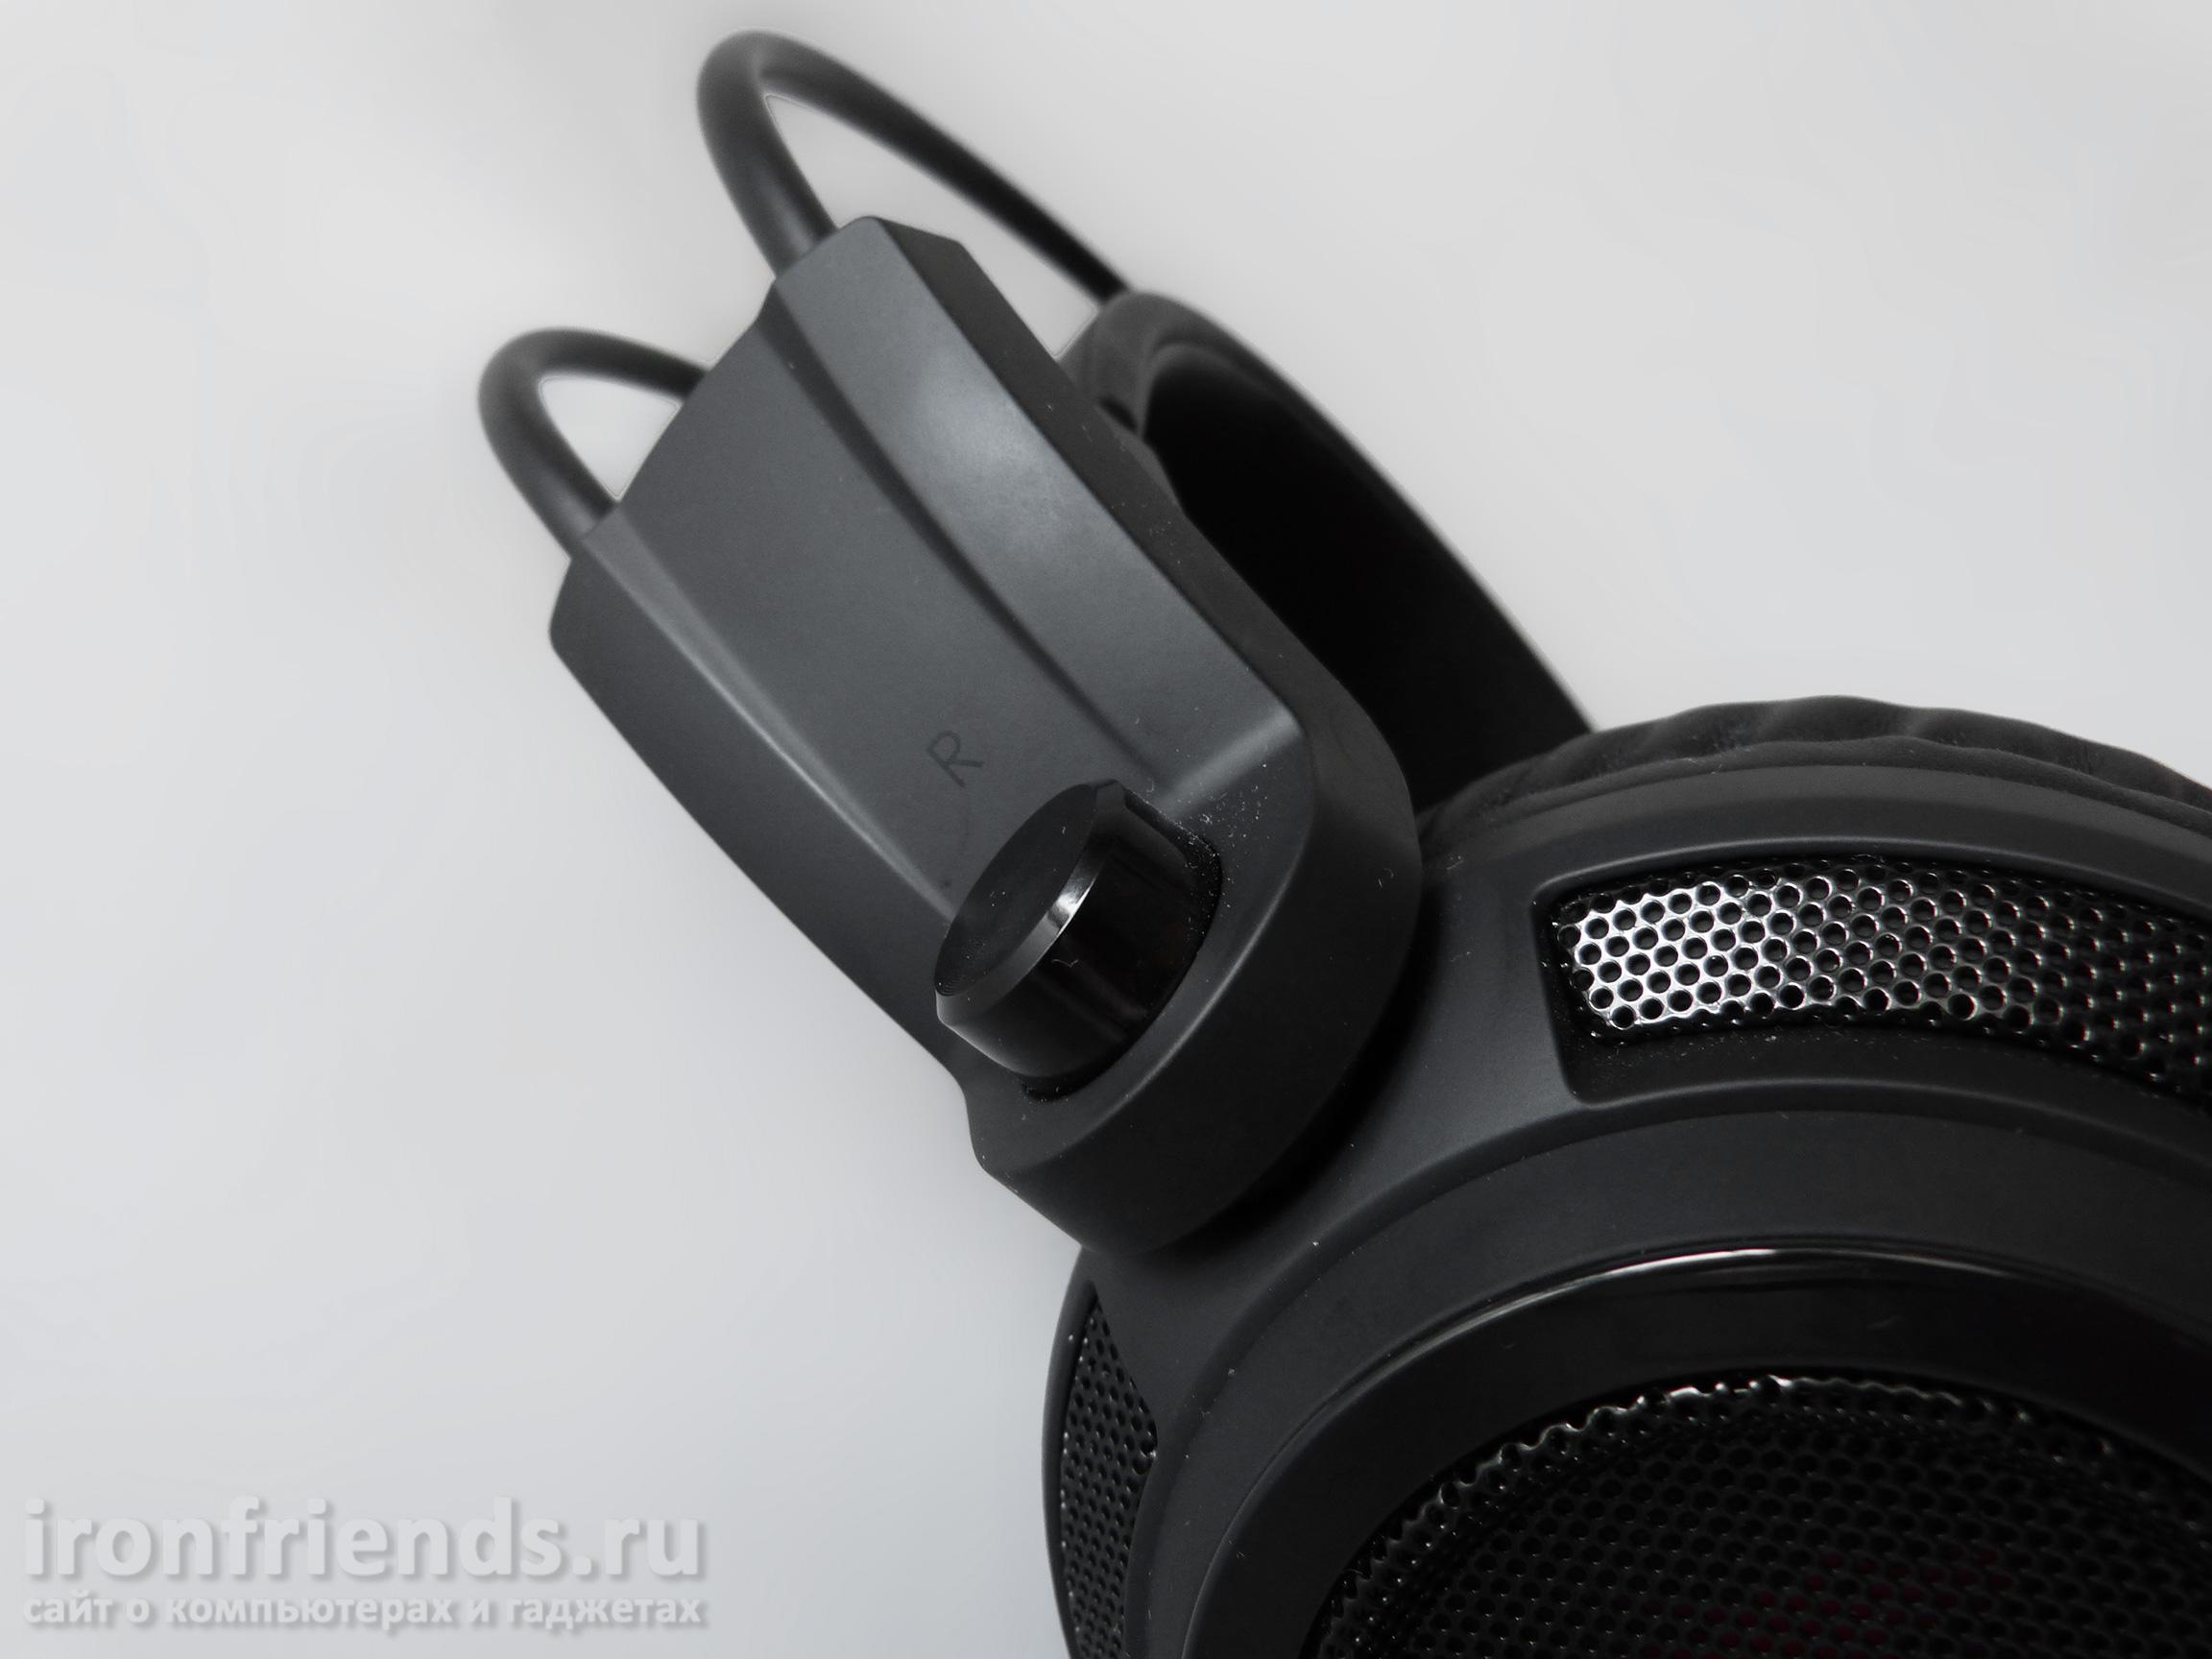 Наушники MSI DS502